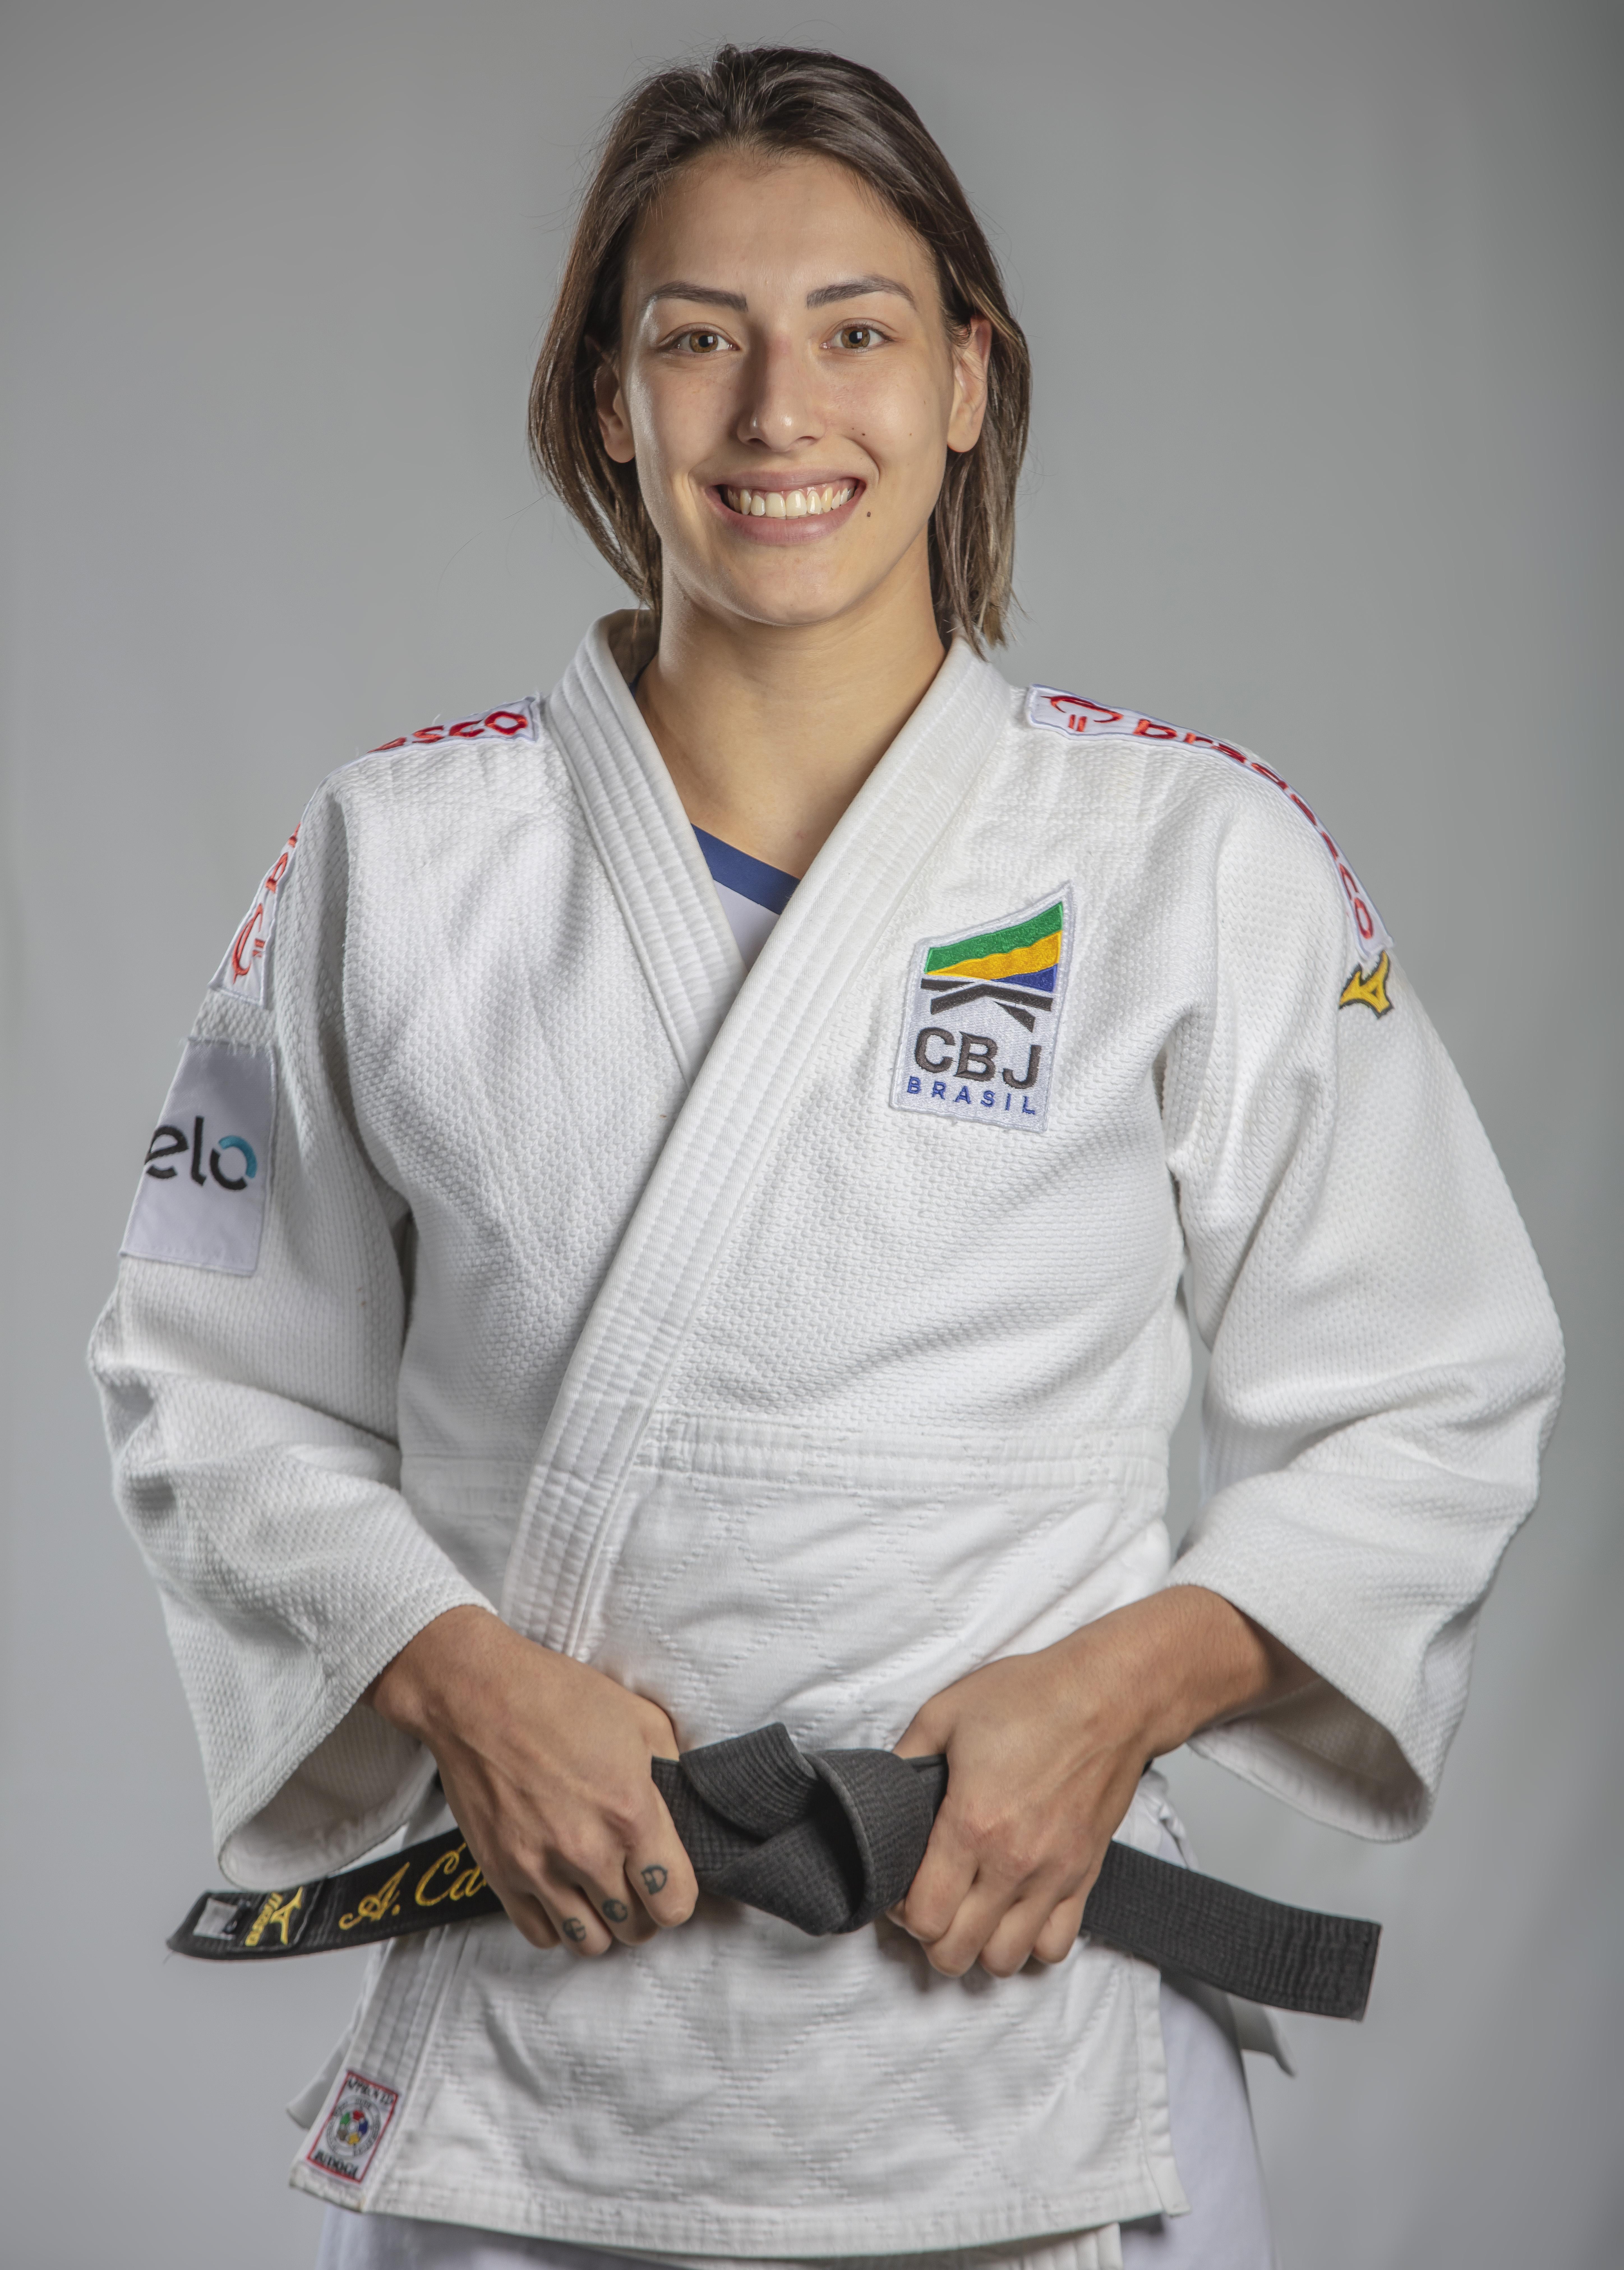 Alexia Tais Willrich Castilhos